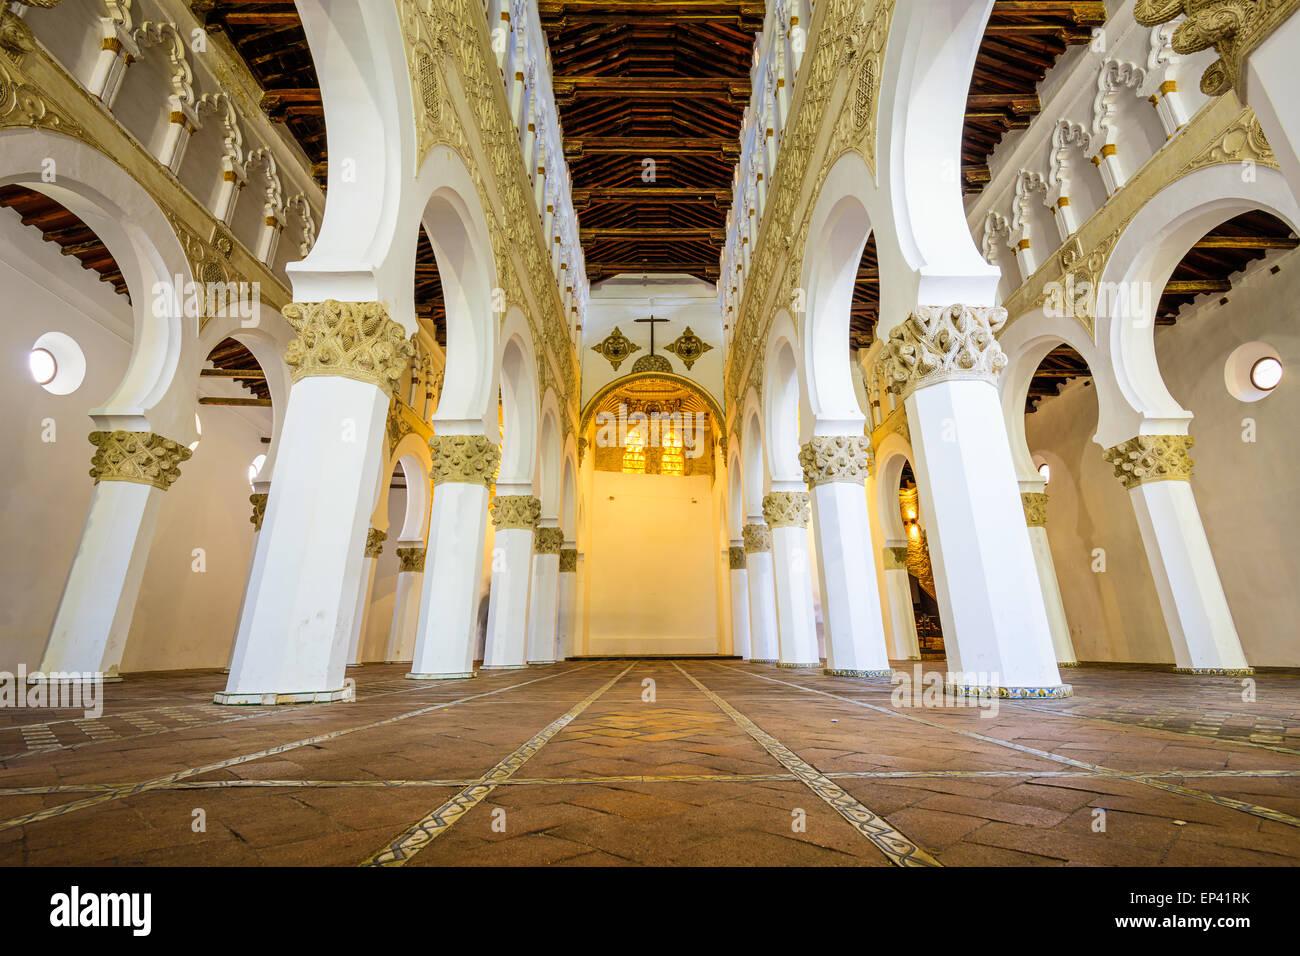 Iglesia de Santa María La Blanca en Toledo, España, oiginally conocida como la sinagoga Ibn Shushan. Imagen De Stock